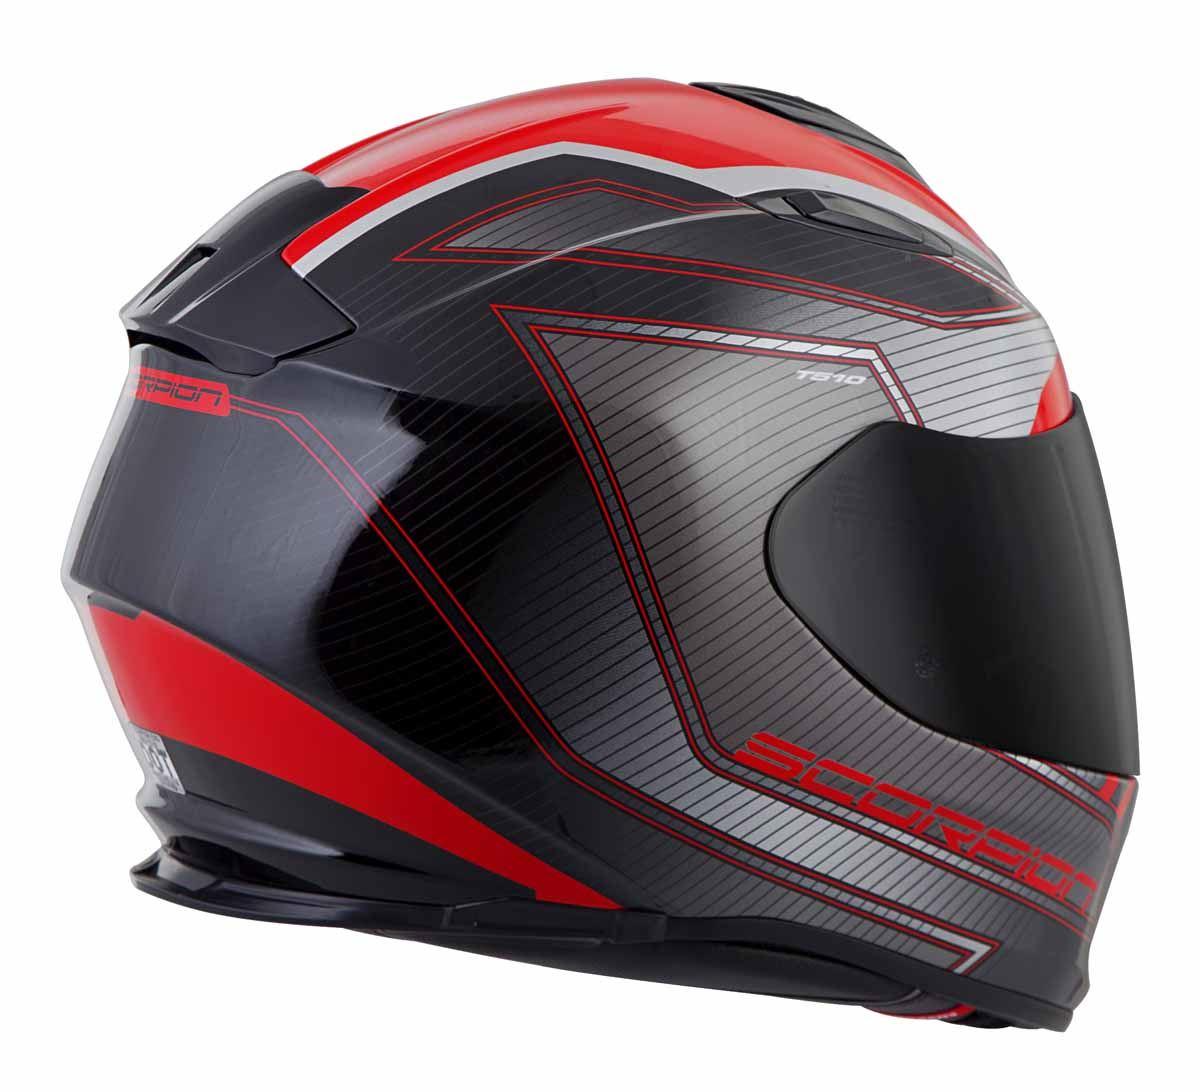 Scorpion-EXO-T510-Helmet-Full-Face-DOT-Approved-Inner-Sun-Shield miniature 23